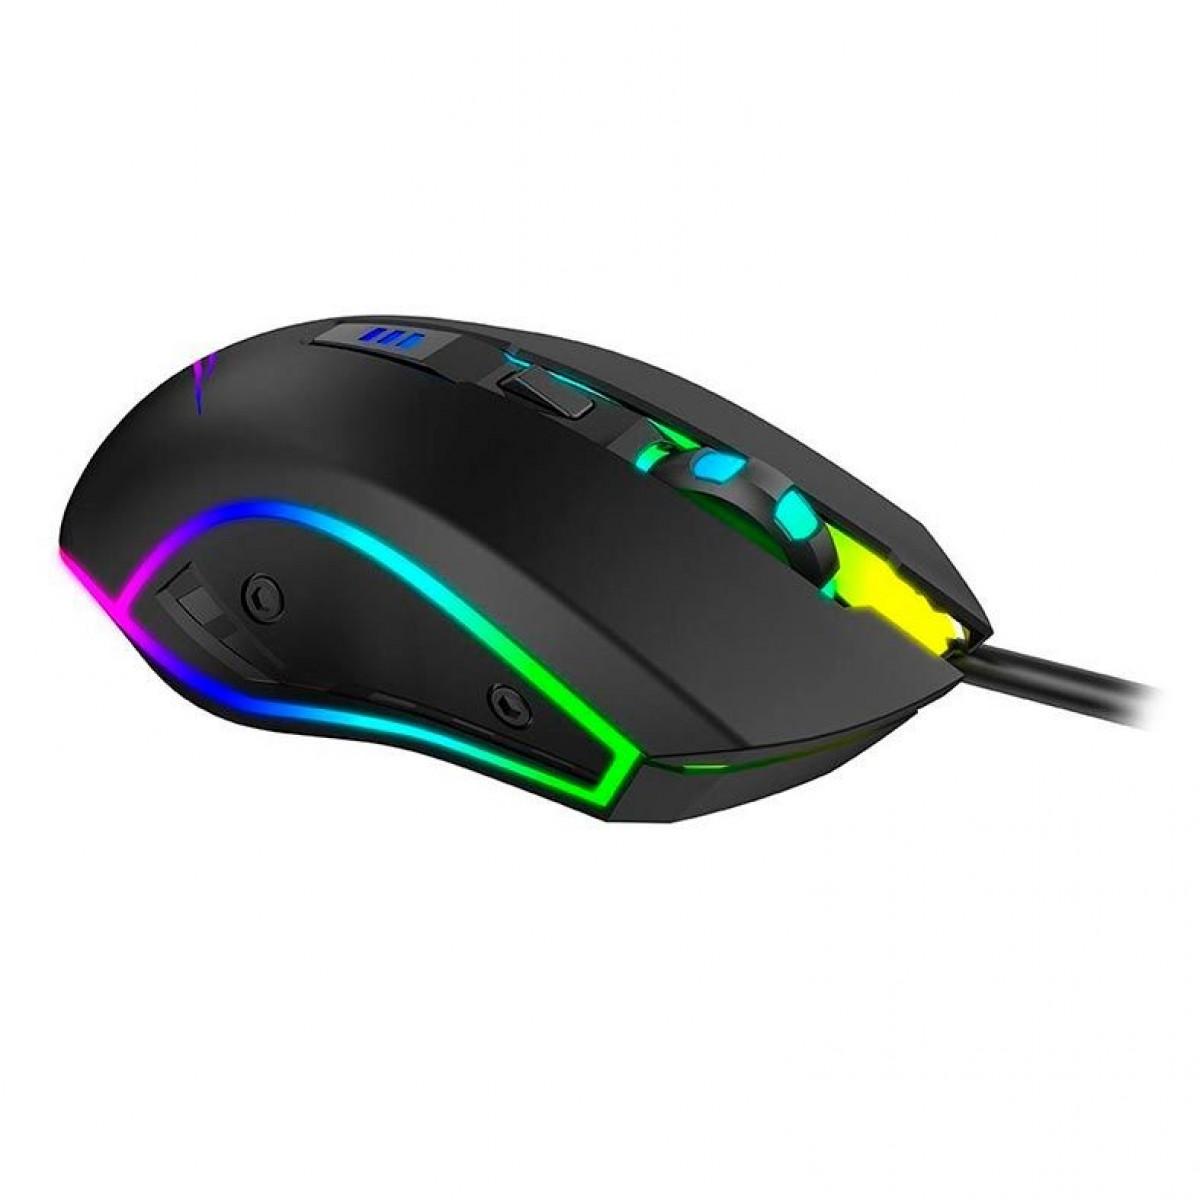 Mouse Gamer Havit MS1018 RGB, 6 Botões, 3200 DPI, Black